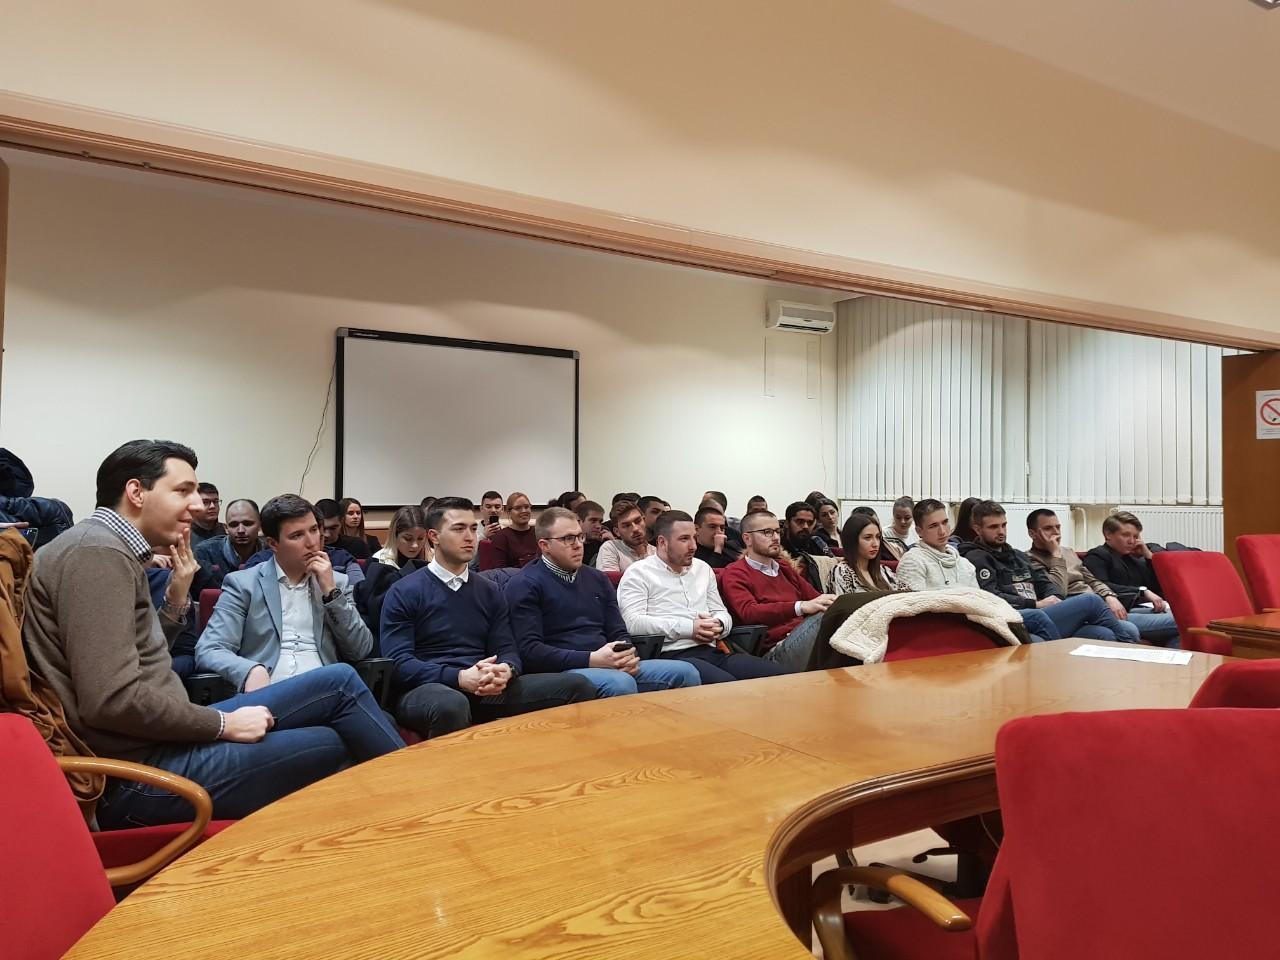 U Rektoratu Univerziteta u Prištini sa sedištem u  Kosovskoj Mitrovici održana konstitutivna sednica SKONUS.a